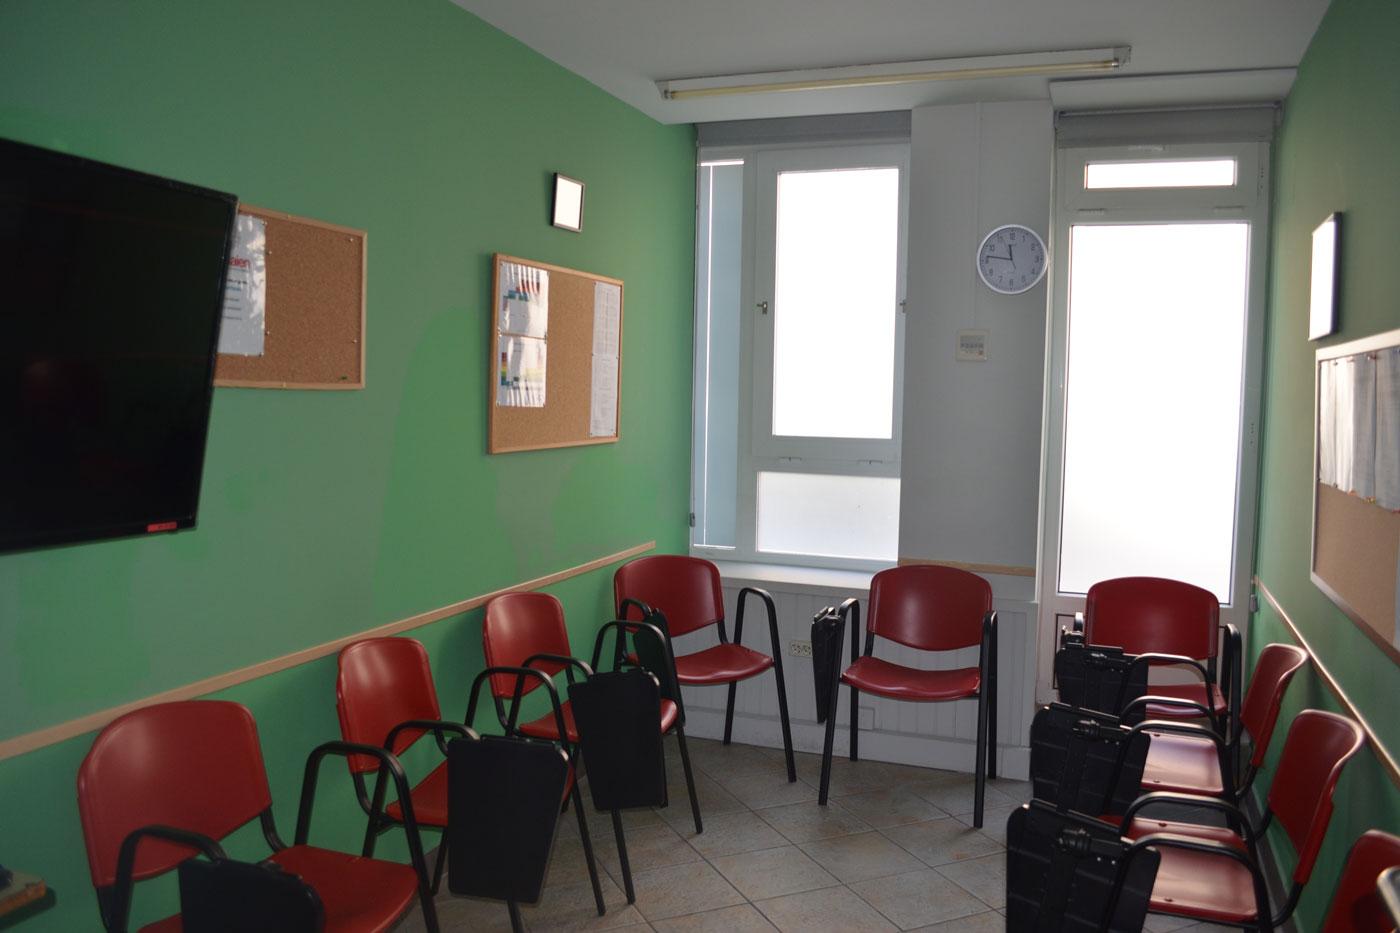 Donostiako Akademia Alemana, Intxaurrondo eta Ondarreta